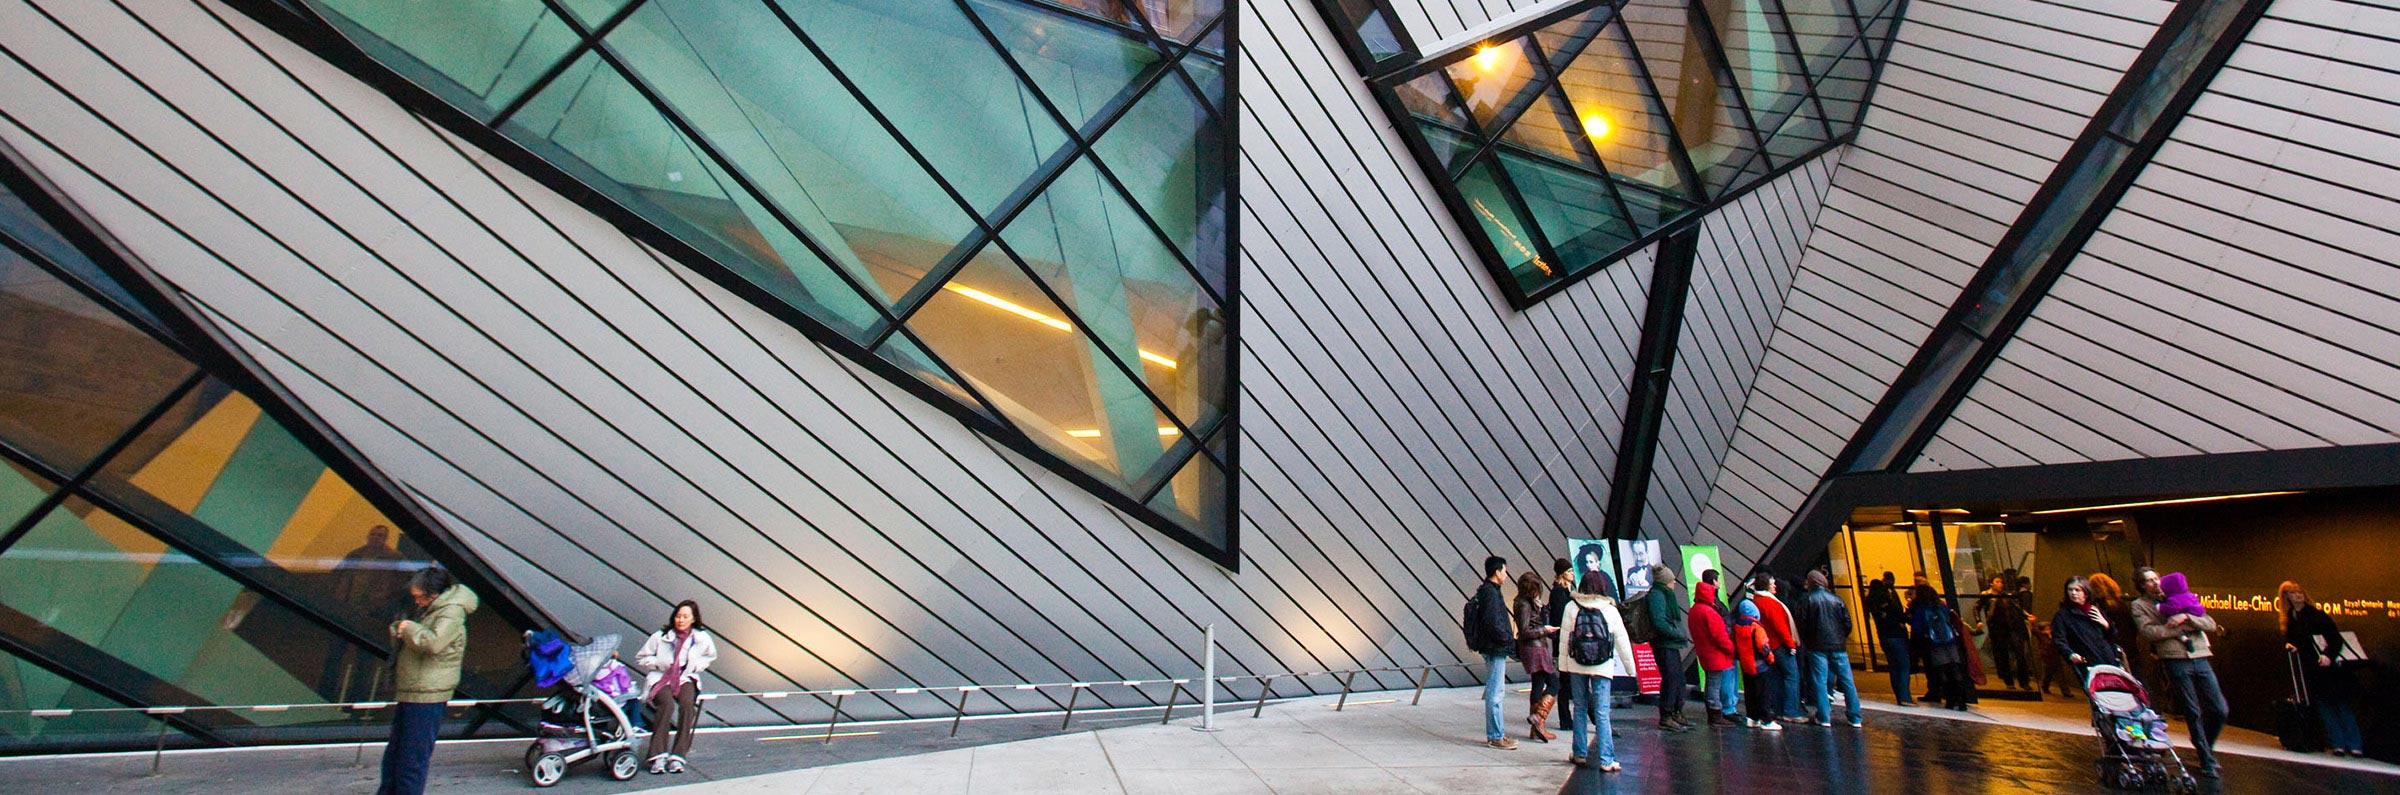 Arte e cultura in Toronto